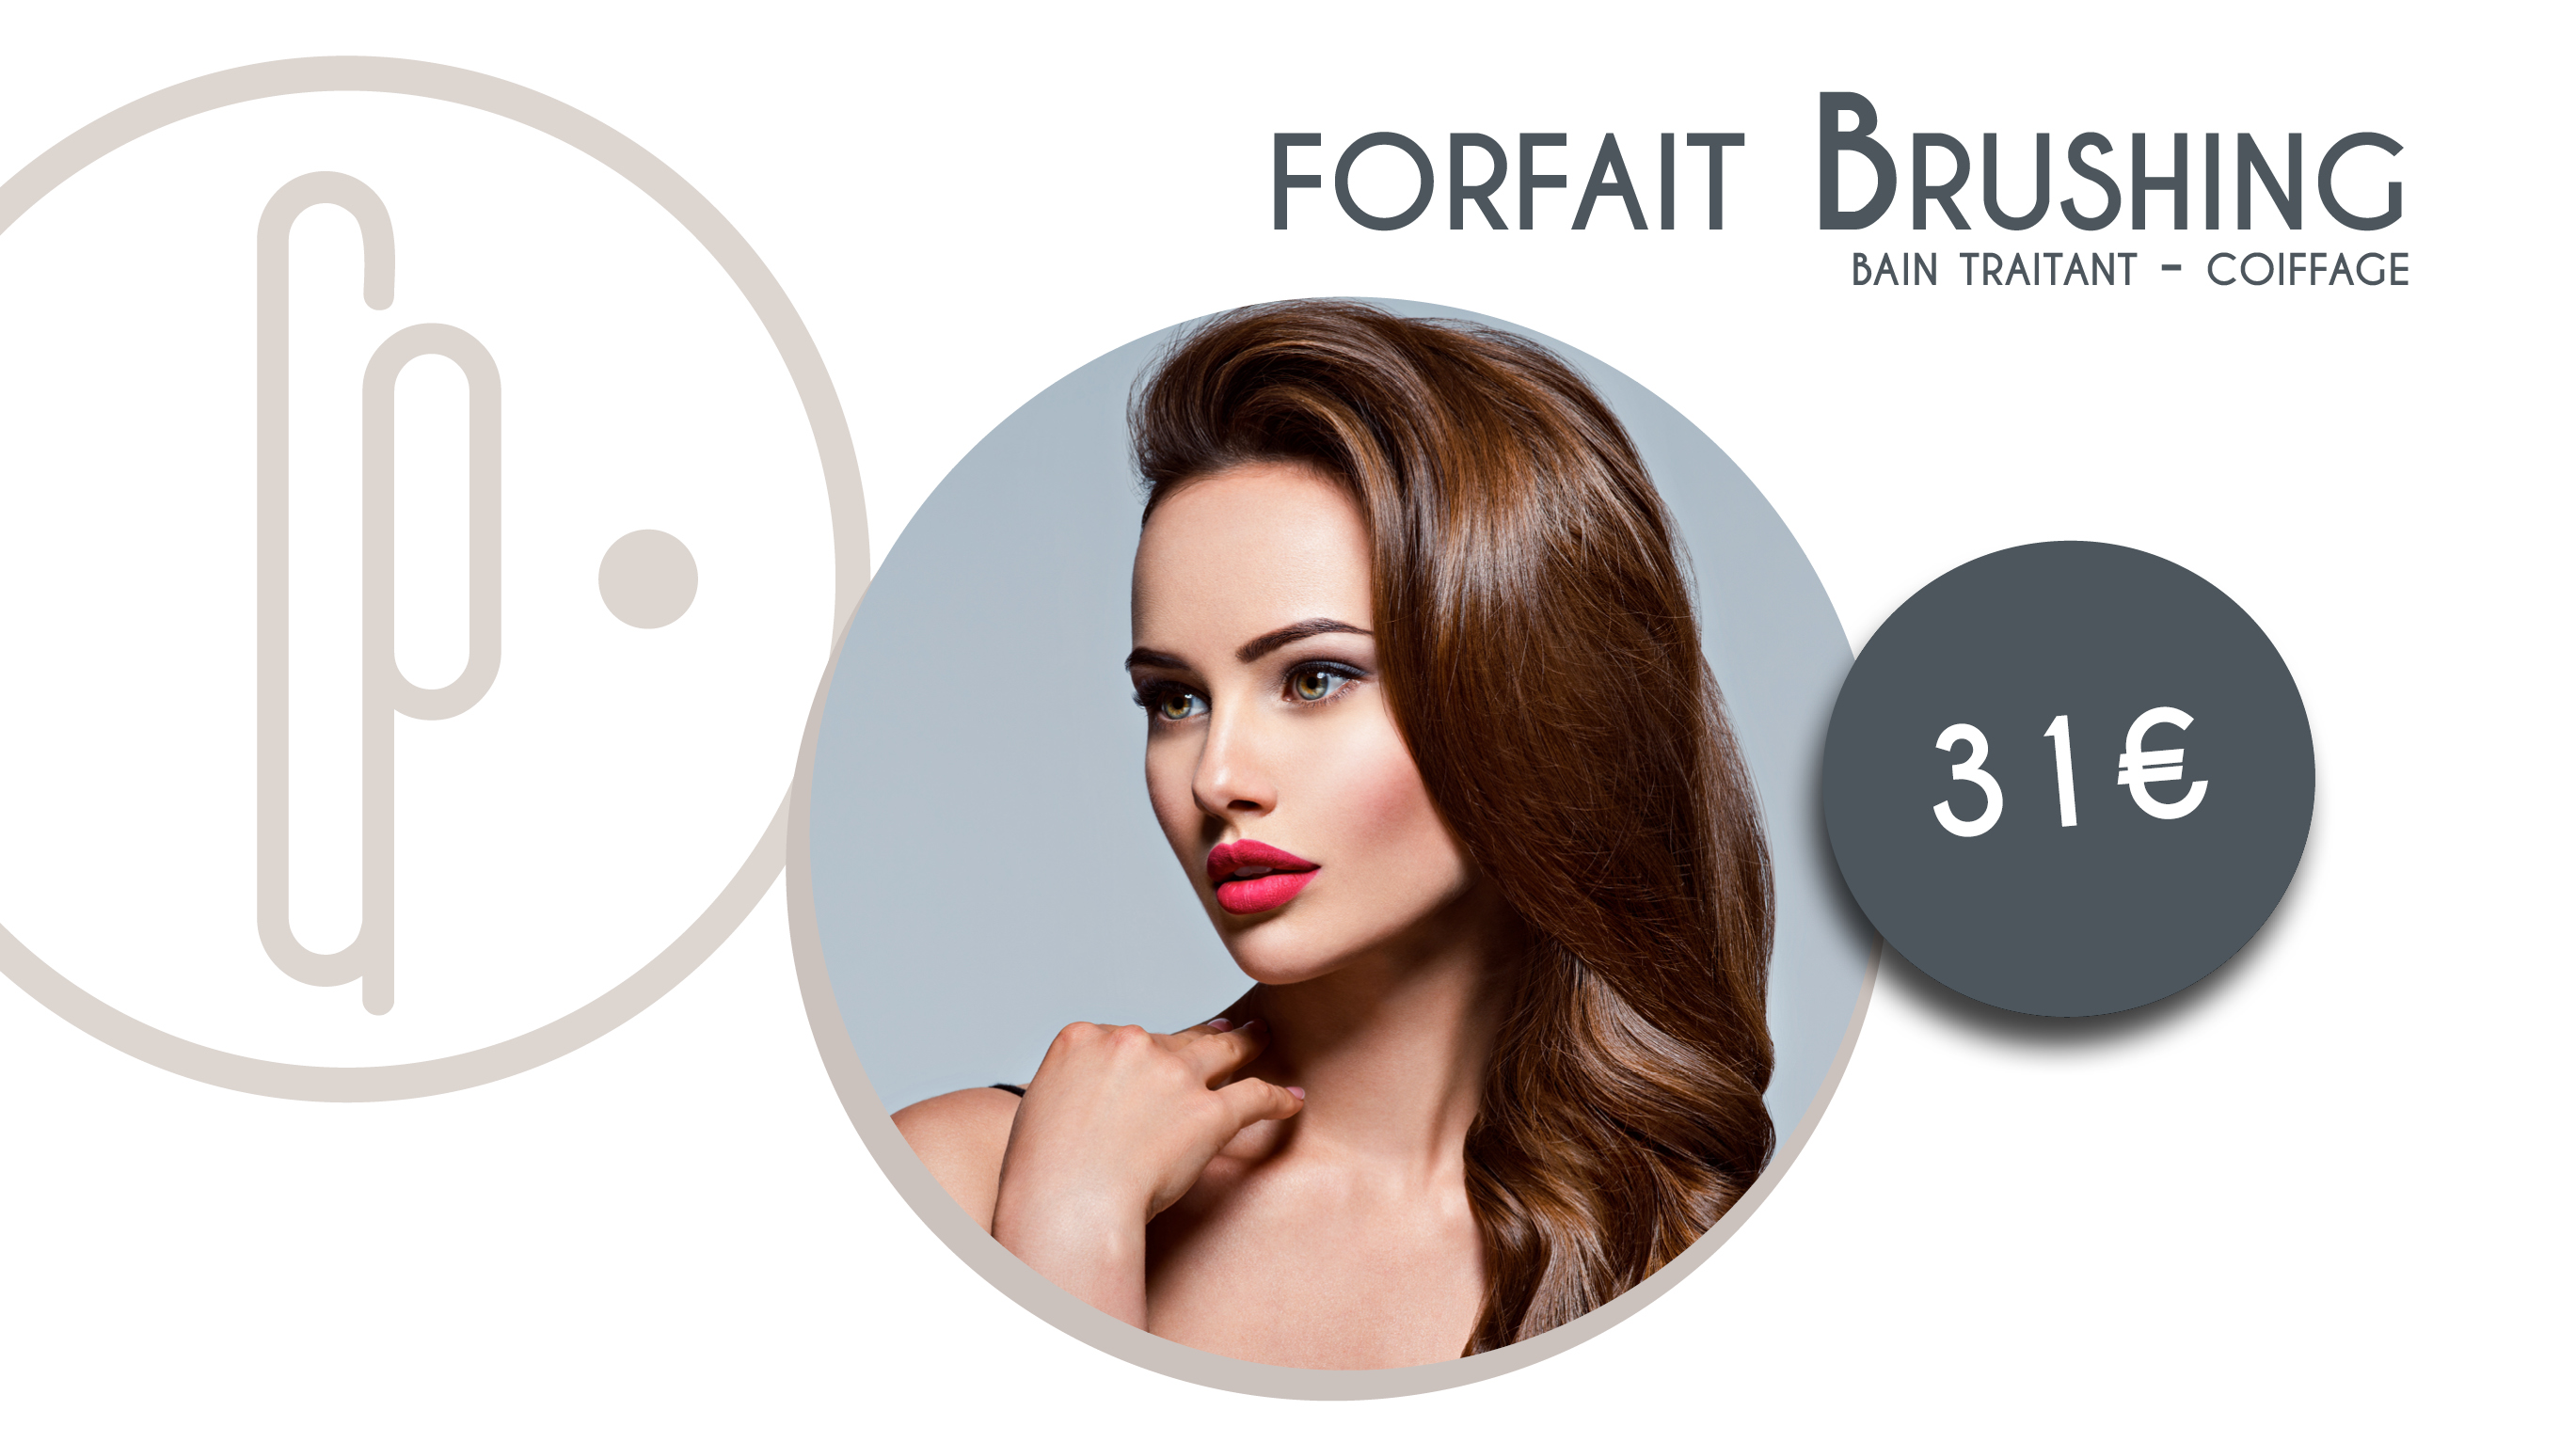 Forfait Brushing